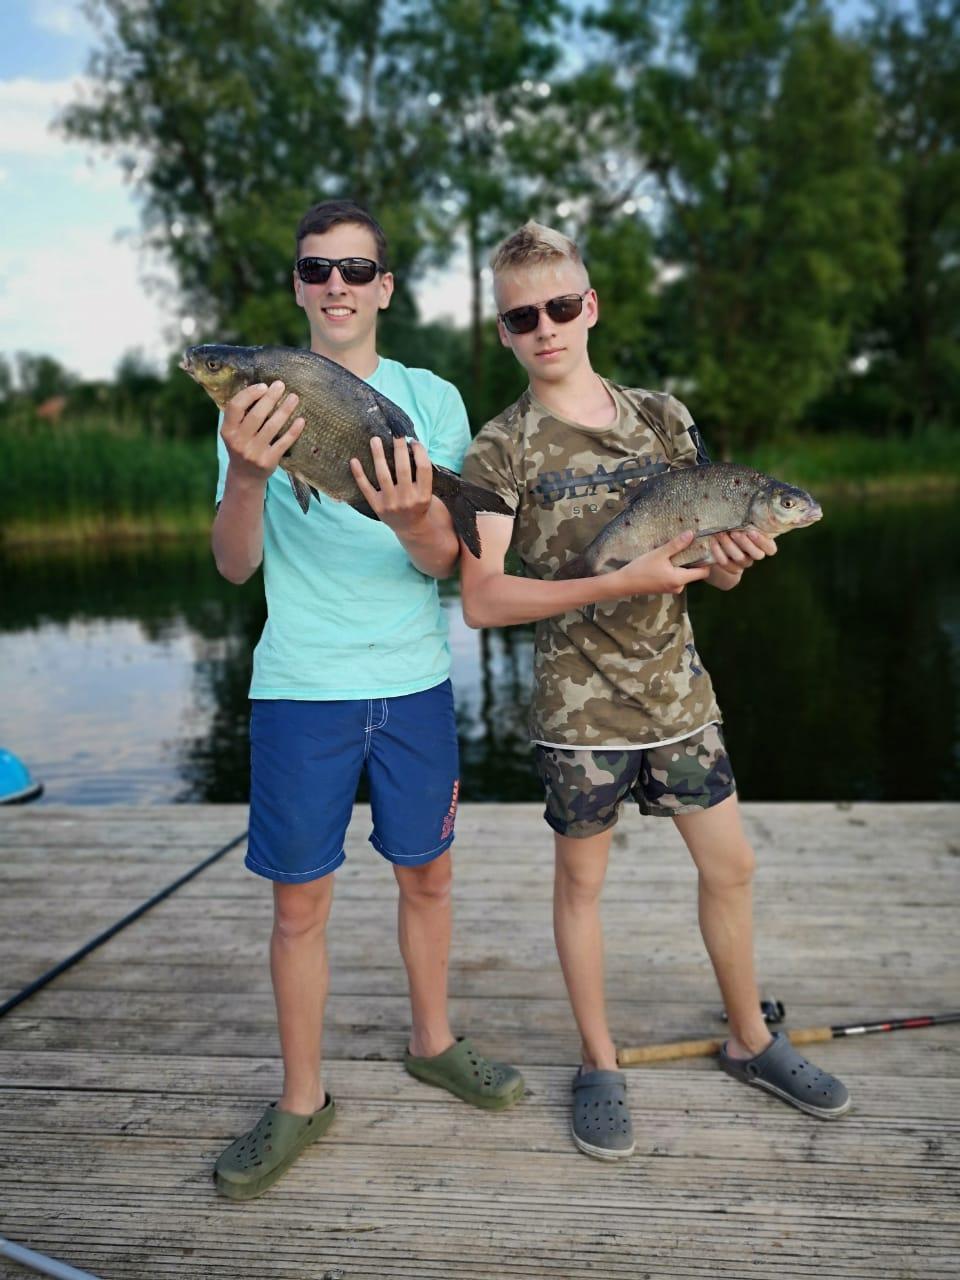 Jungs mit Fischen